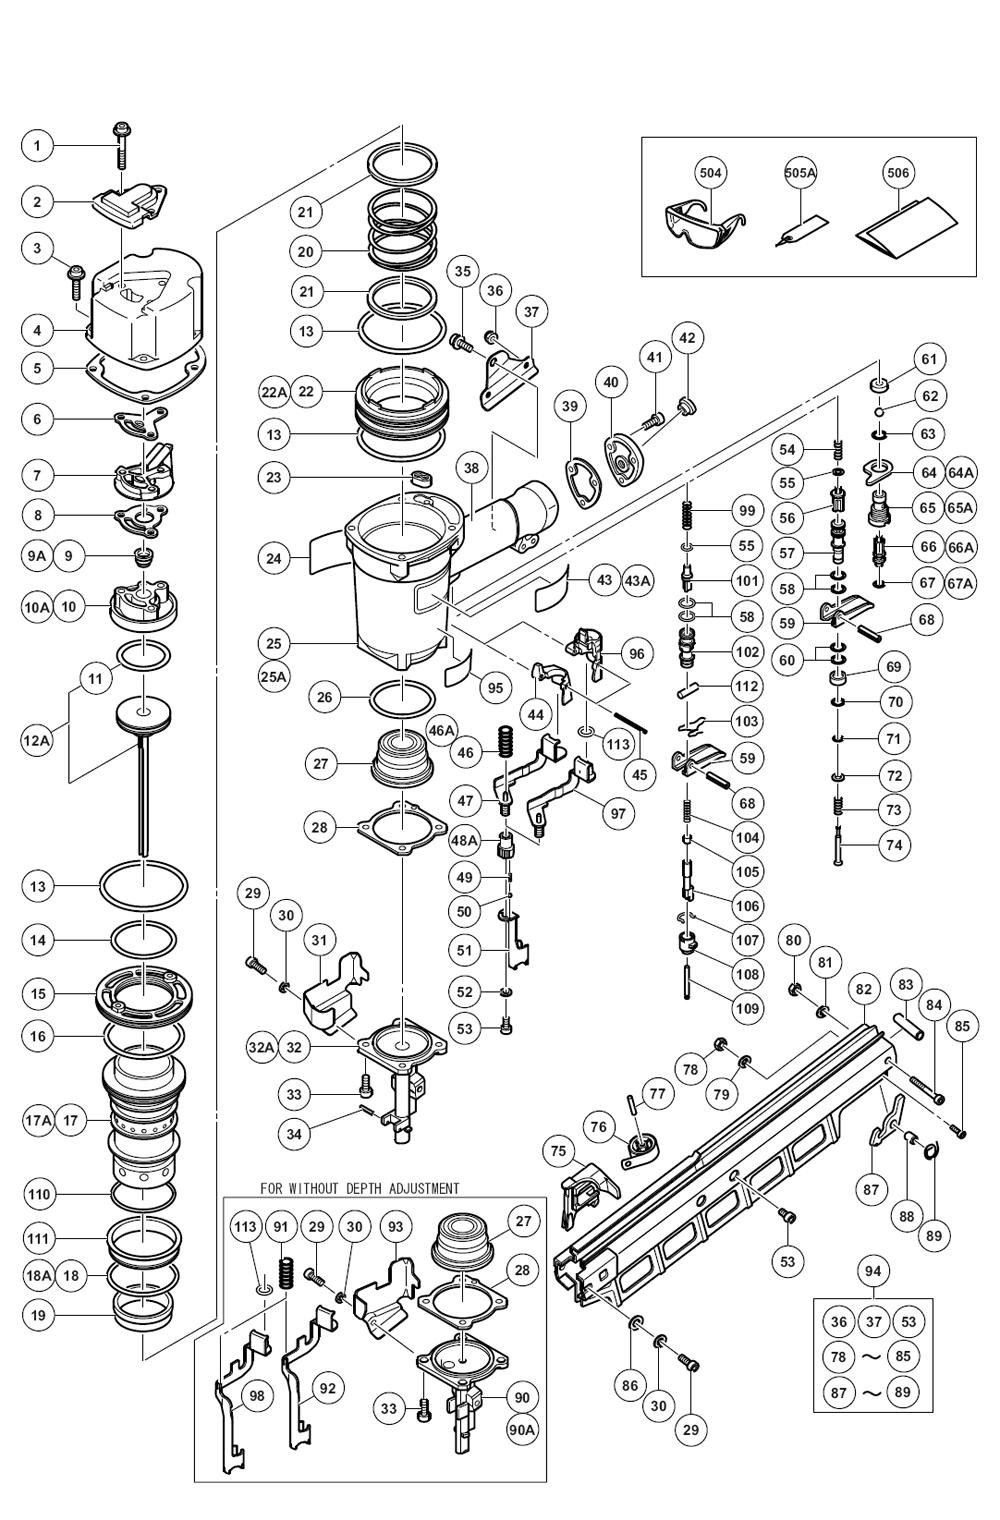 Buy Hitachi NR83A2(Y) 3-1/4